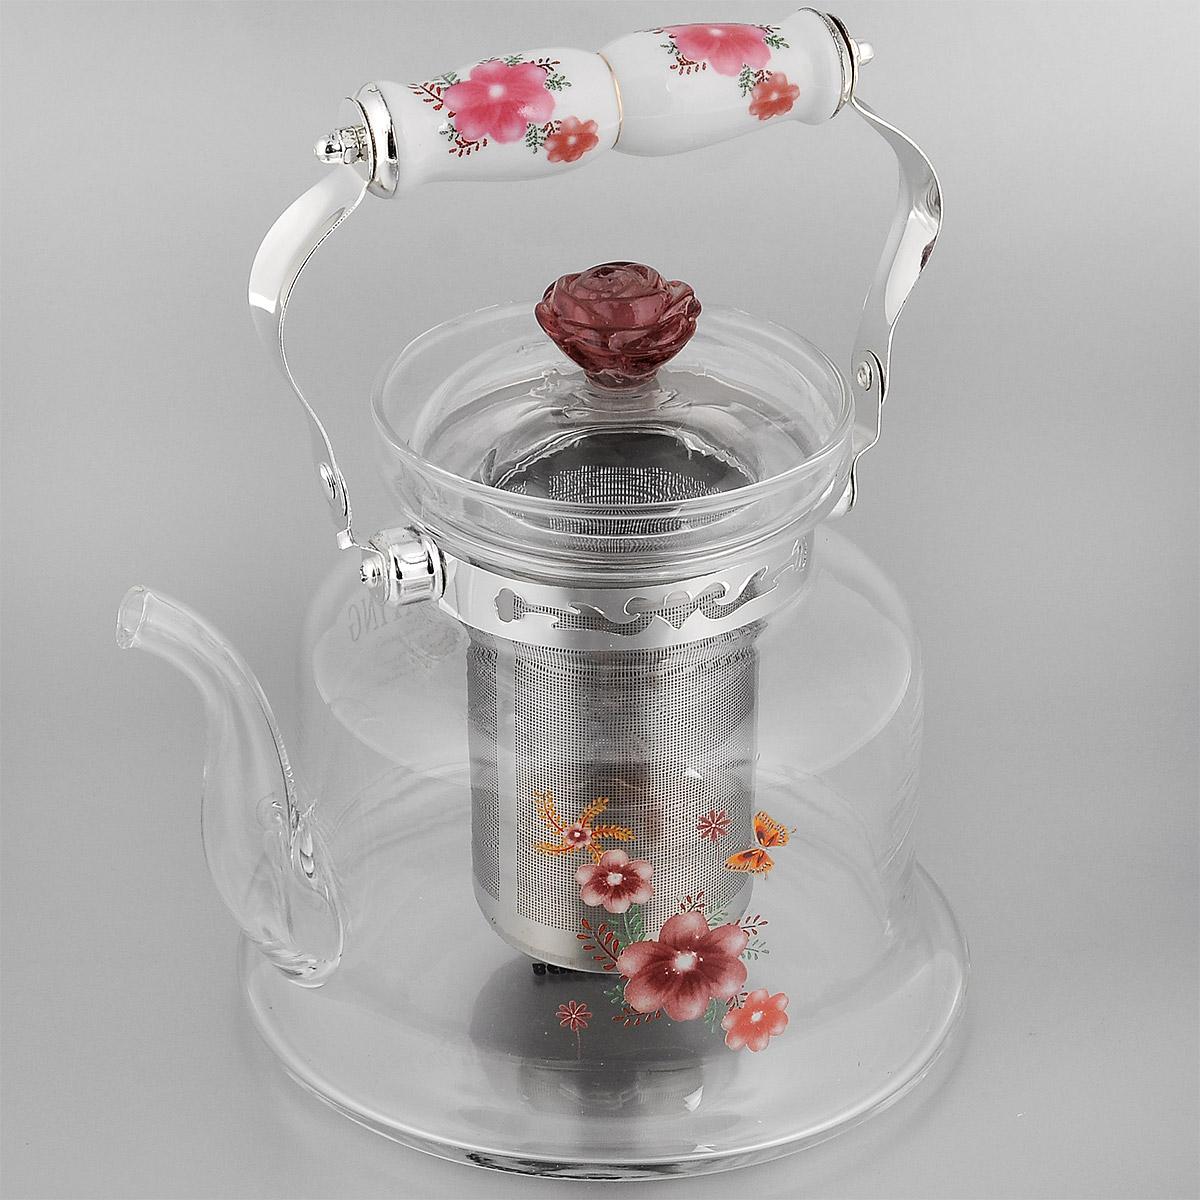 Чайник заварочный Bekker Koch, цвет: красный, 1,4 л. ВК-7620 контейнер пищевой вакуумный bekker koch прямоугольный 1 1 л